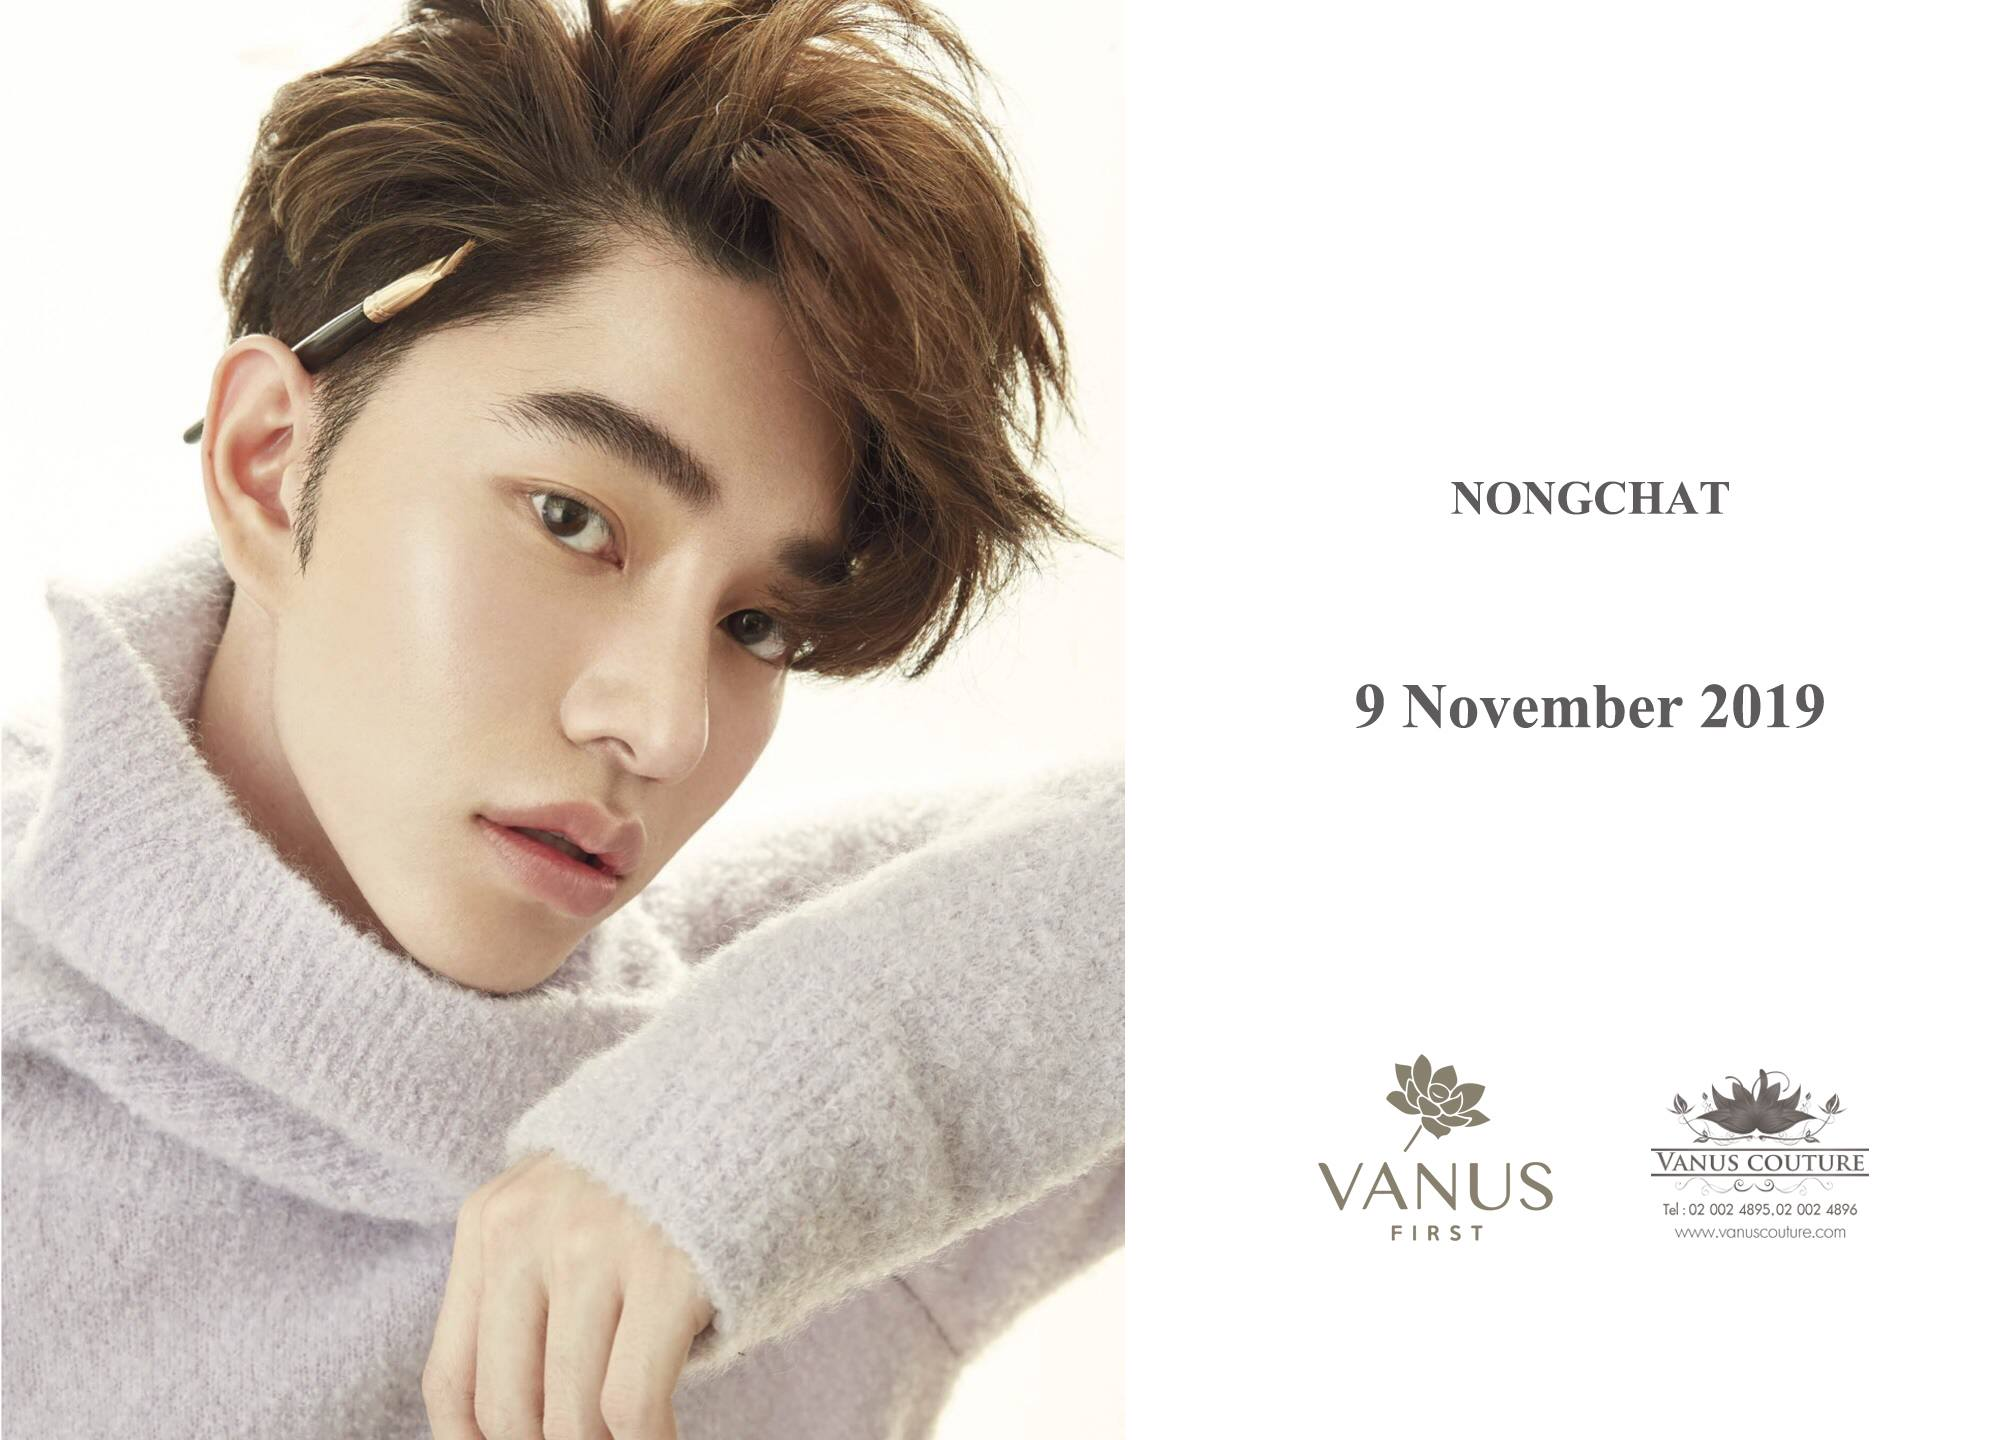 Vanus Couture เปิดจองคิวช่างแต่งหน้าชื่อดัง แต่งวันฤกษ์ดี!! 9 & 10พ.ย. ในราคาเริ่มต้นแค่ 30,000 บาท!!